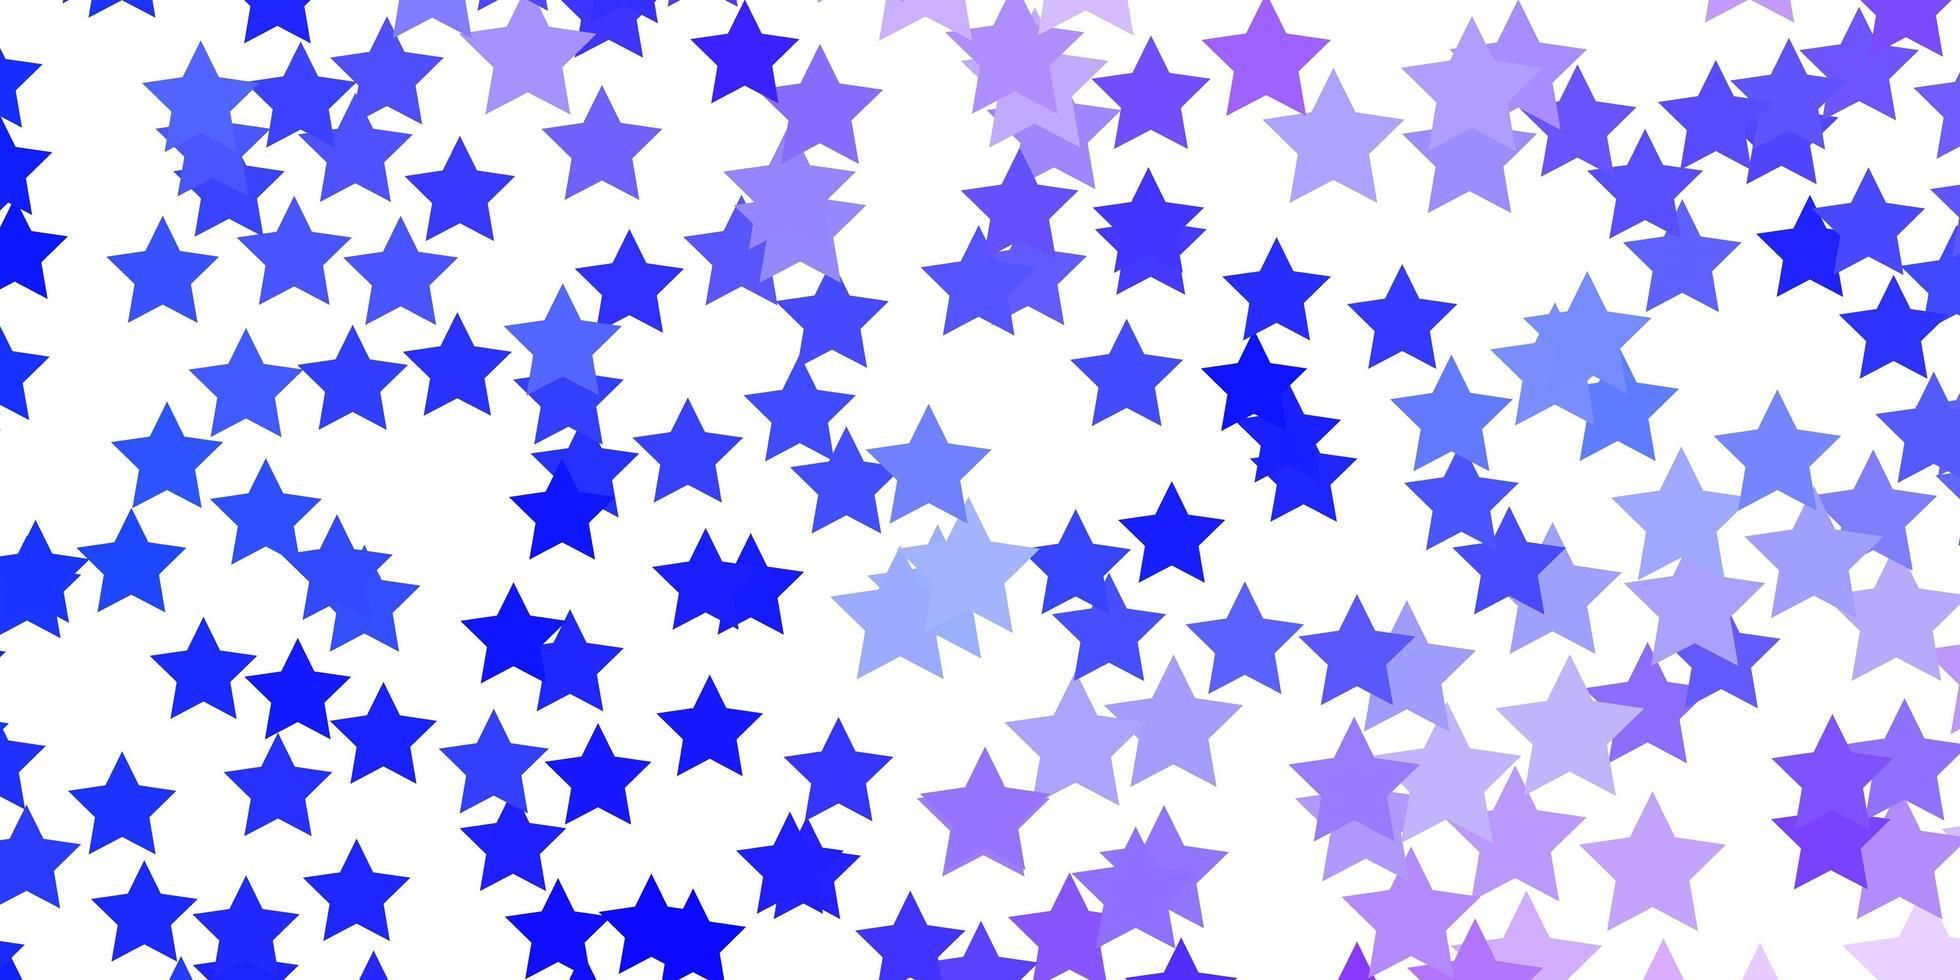 hellrosa, blaue Vektorbeschaffenheit mit schönen Sternen. vektor